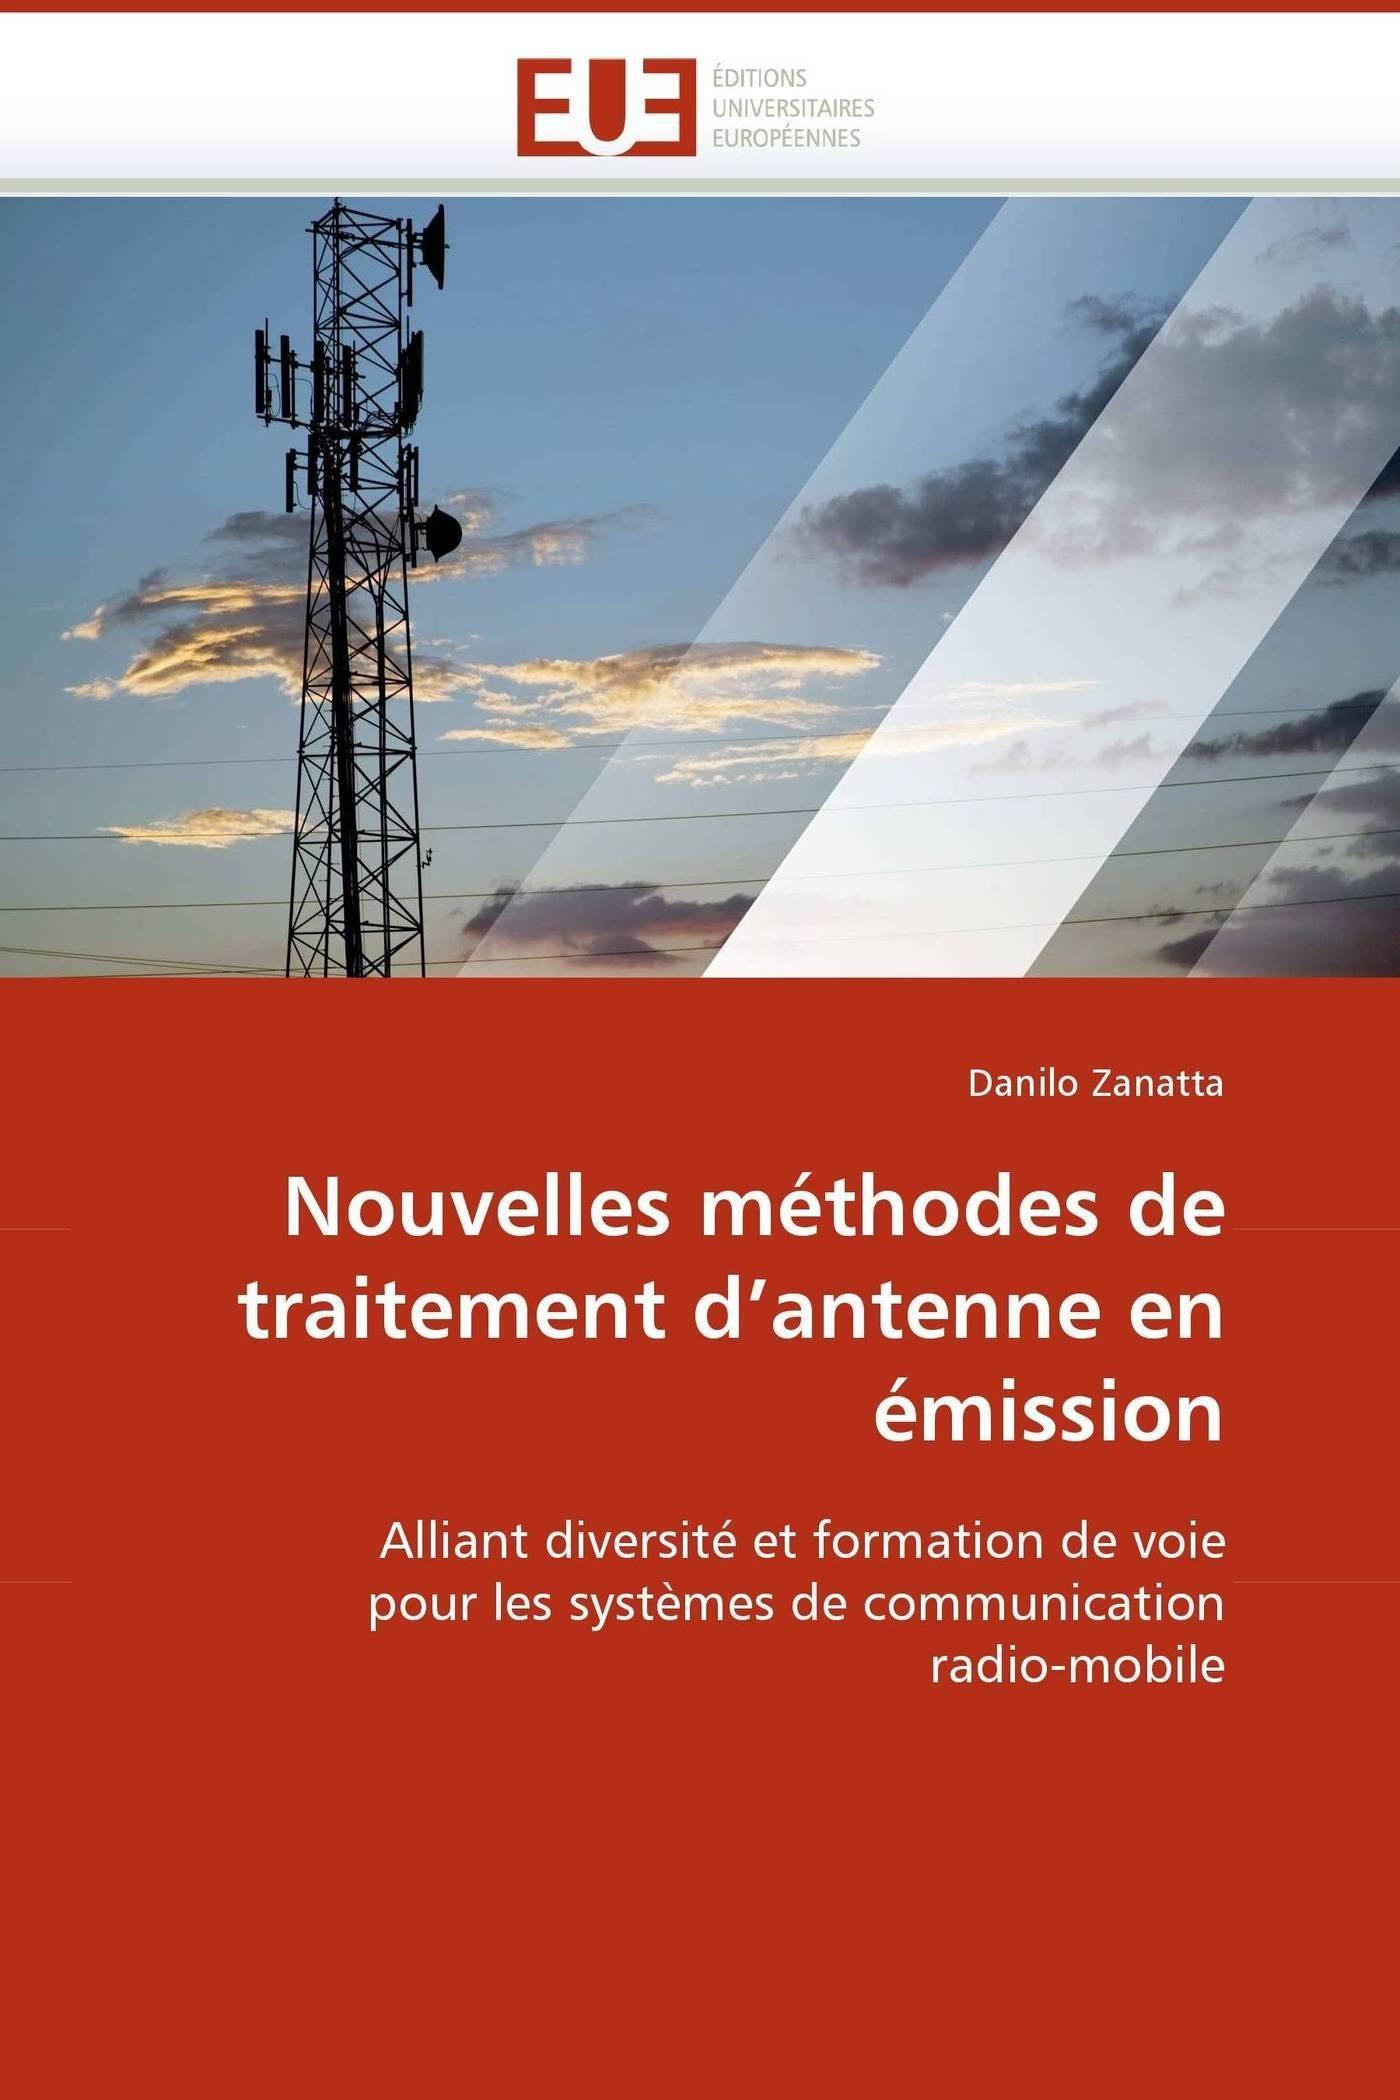 Nouvelles méthodes de traitement d''antenne en émission Broché – 7 juillet 2010 Danilo Zanatta Univ Européenne 6131517061 Essais littéraires